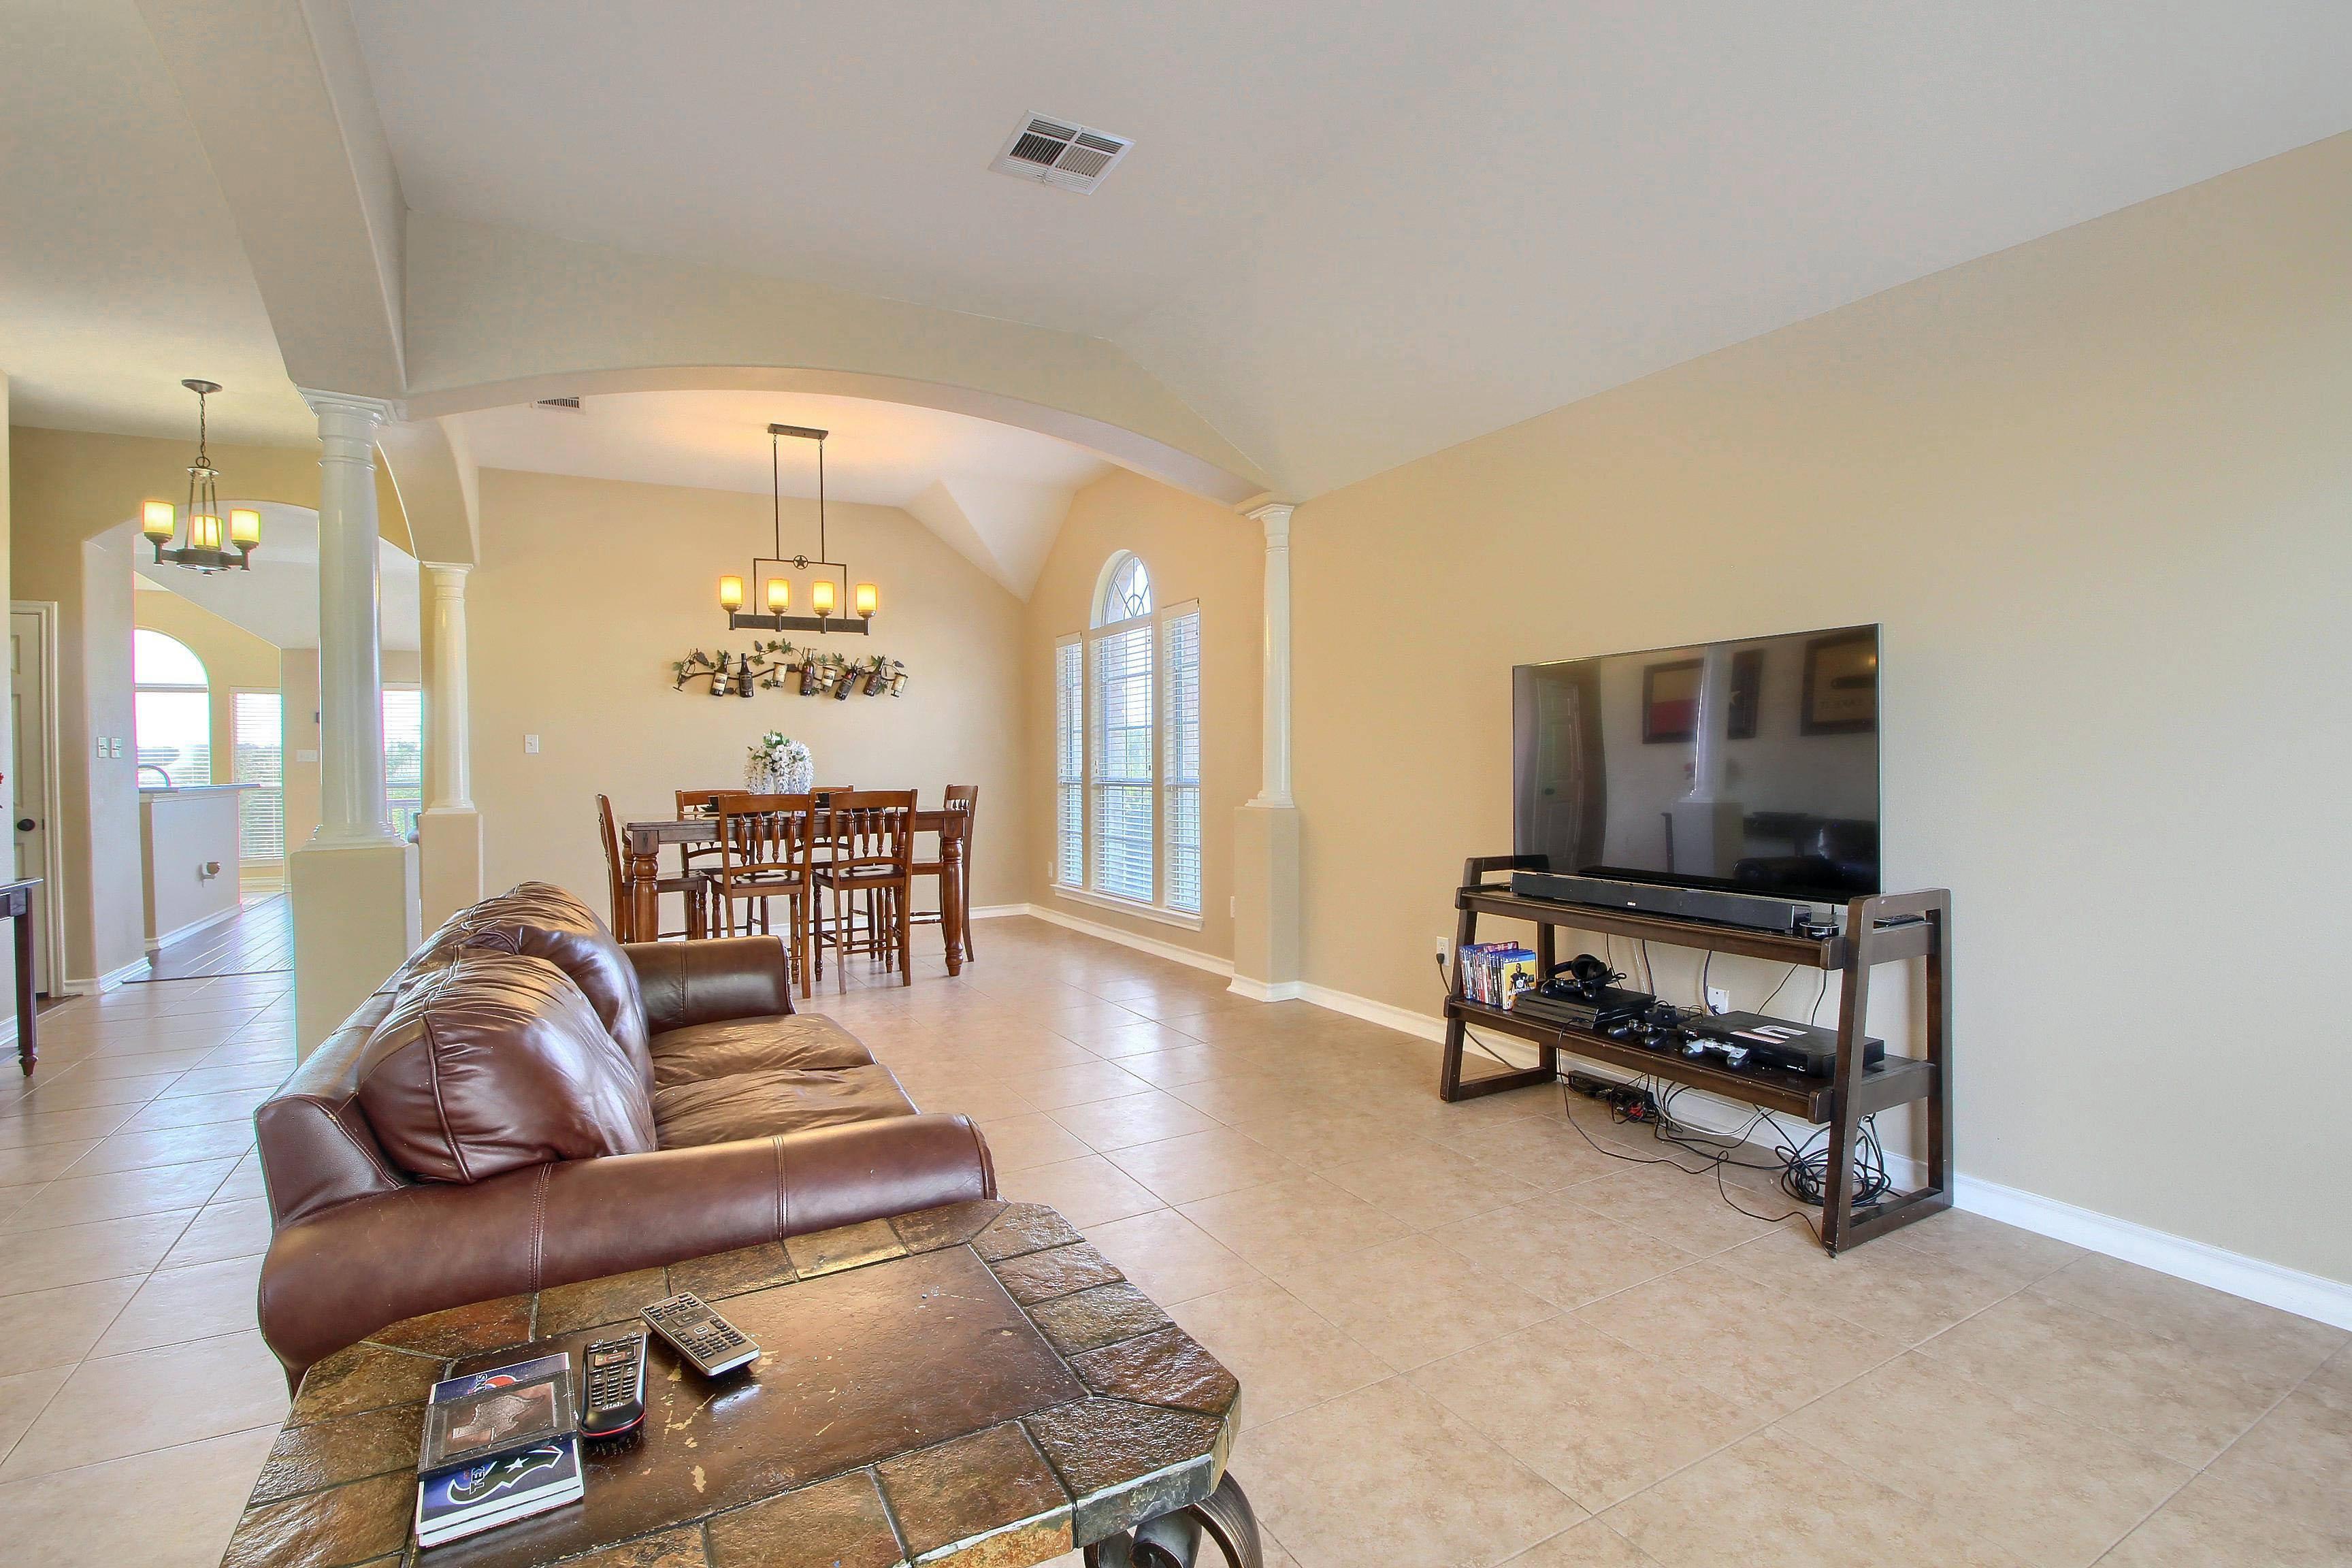 Stuart Sutton lists acreage homes for sale